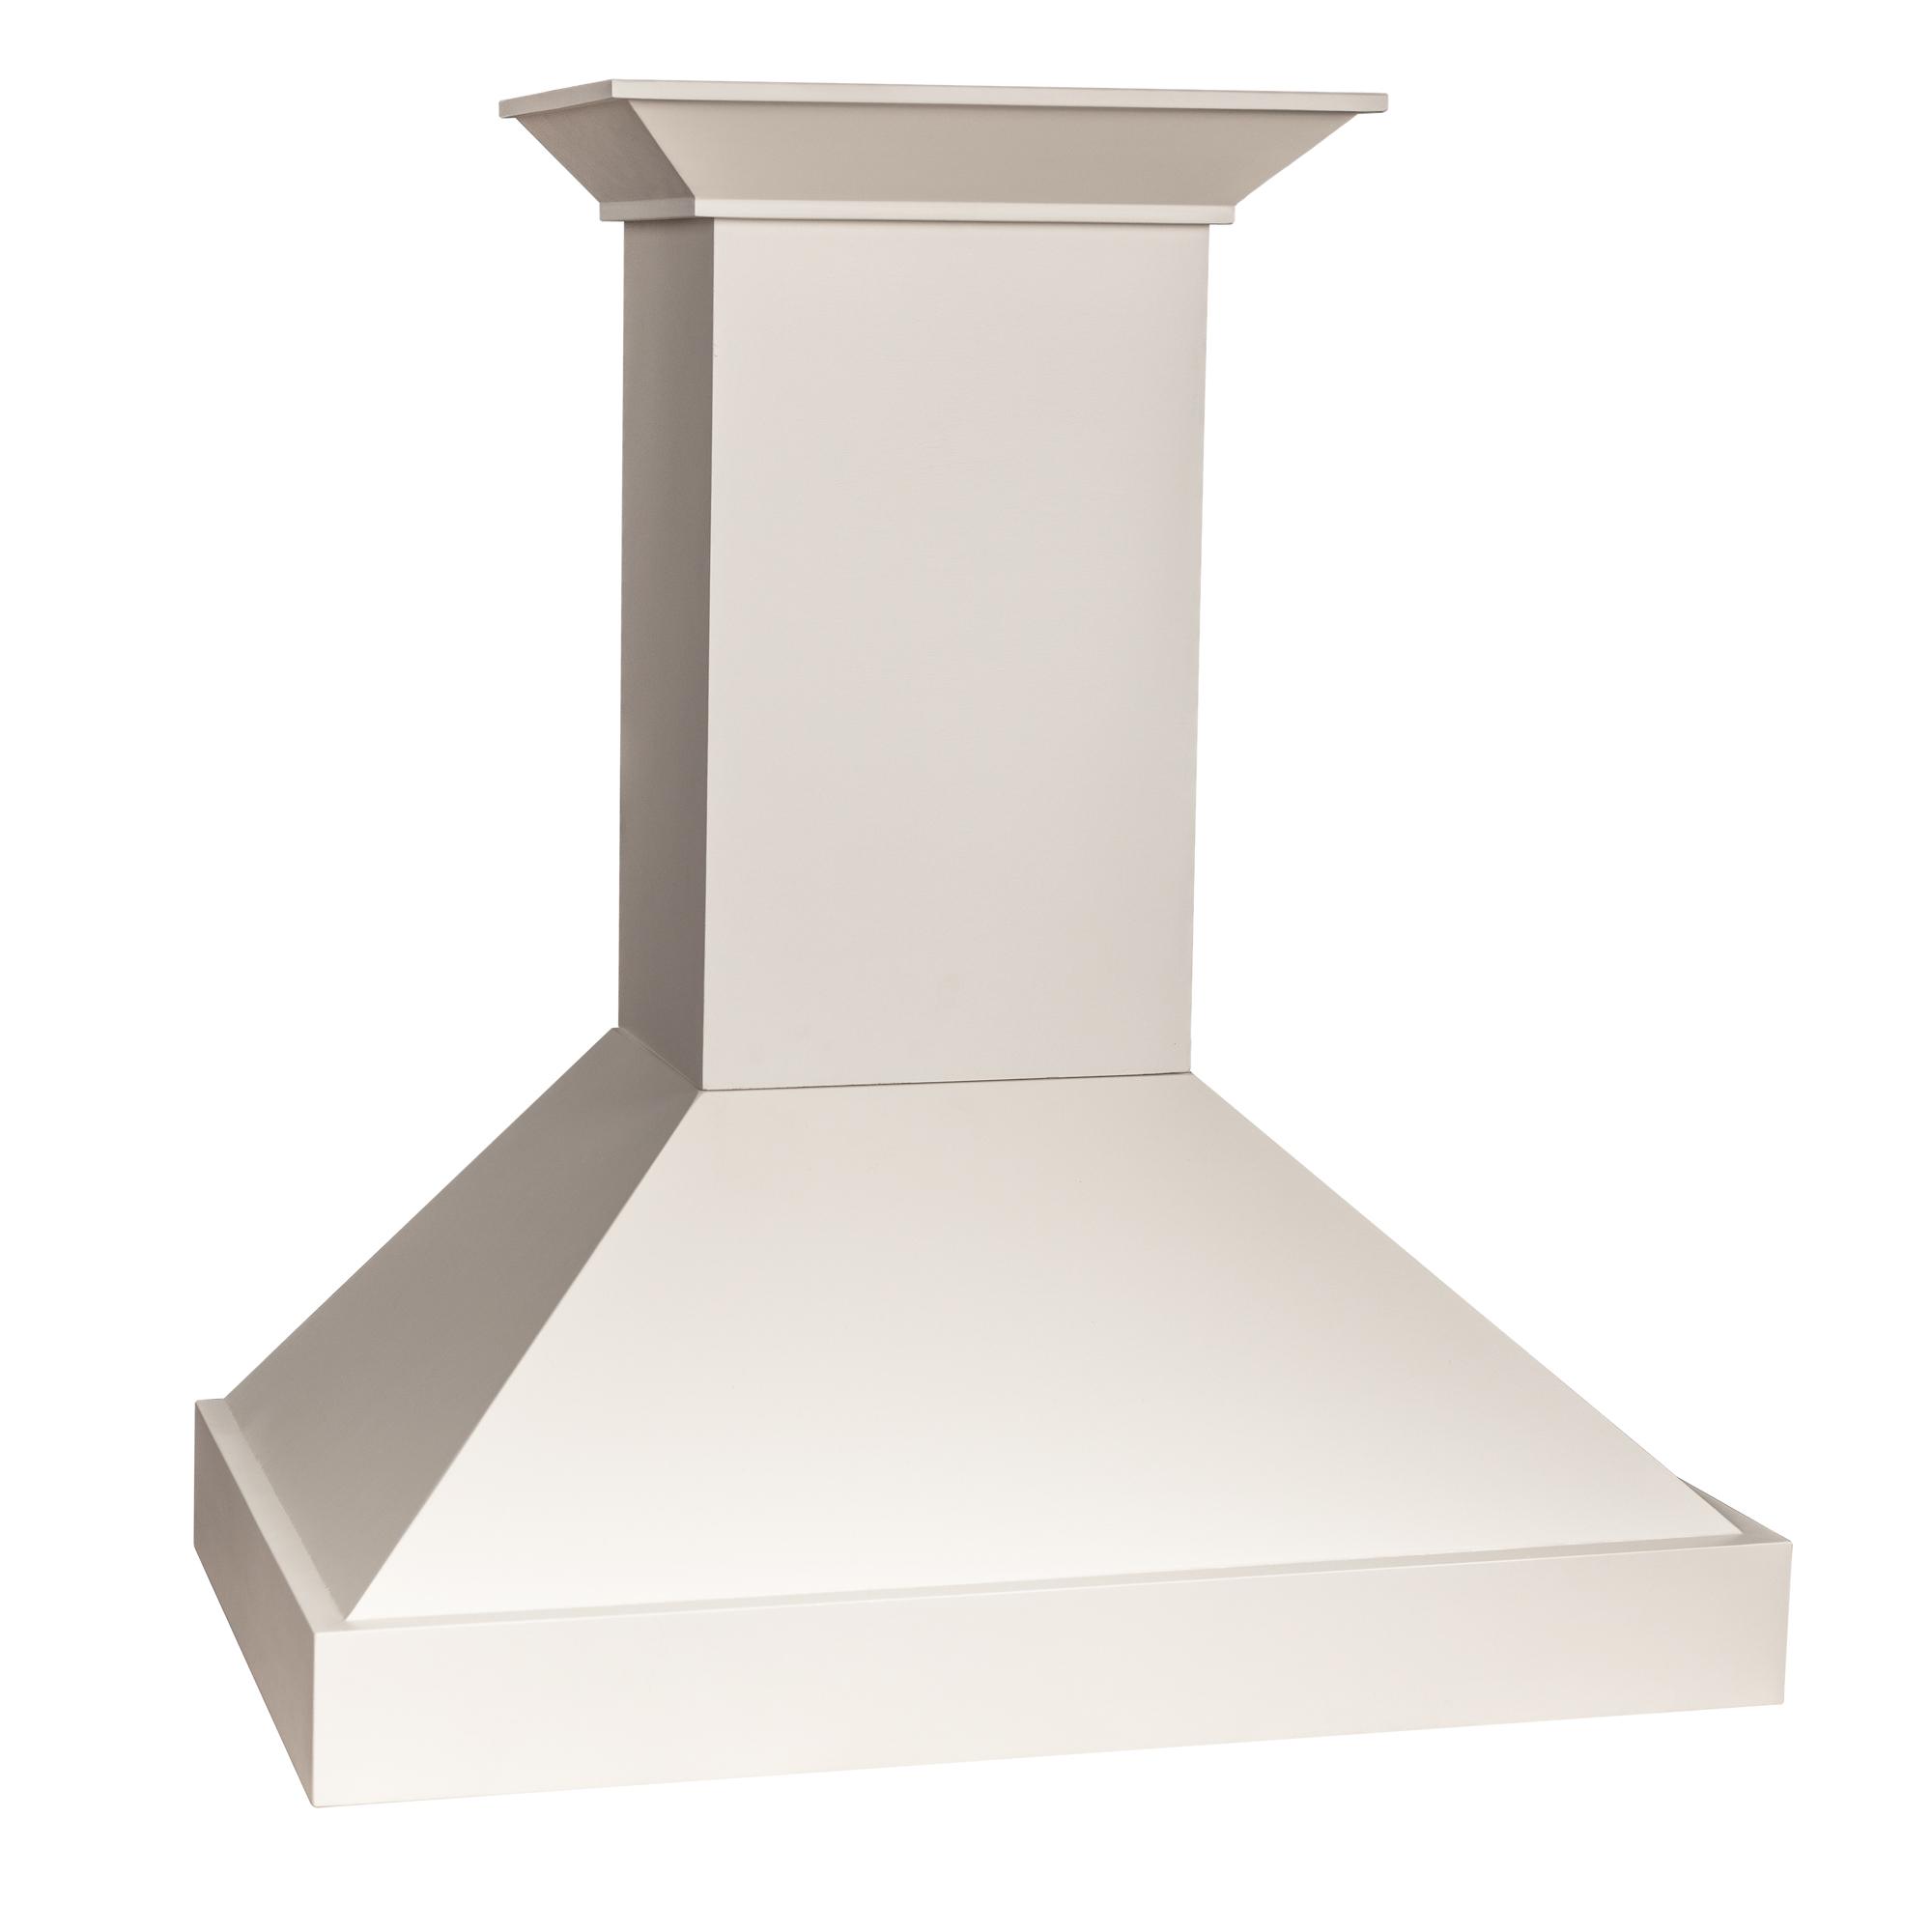 zline-designer-wood-range-hood-KBTT-main.jpg